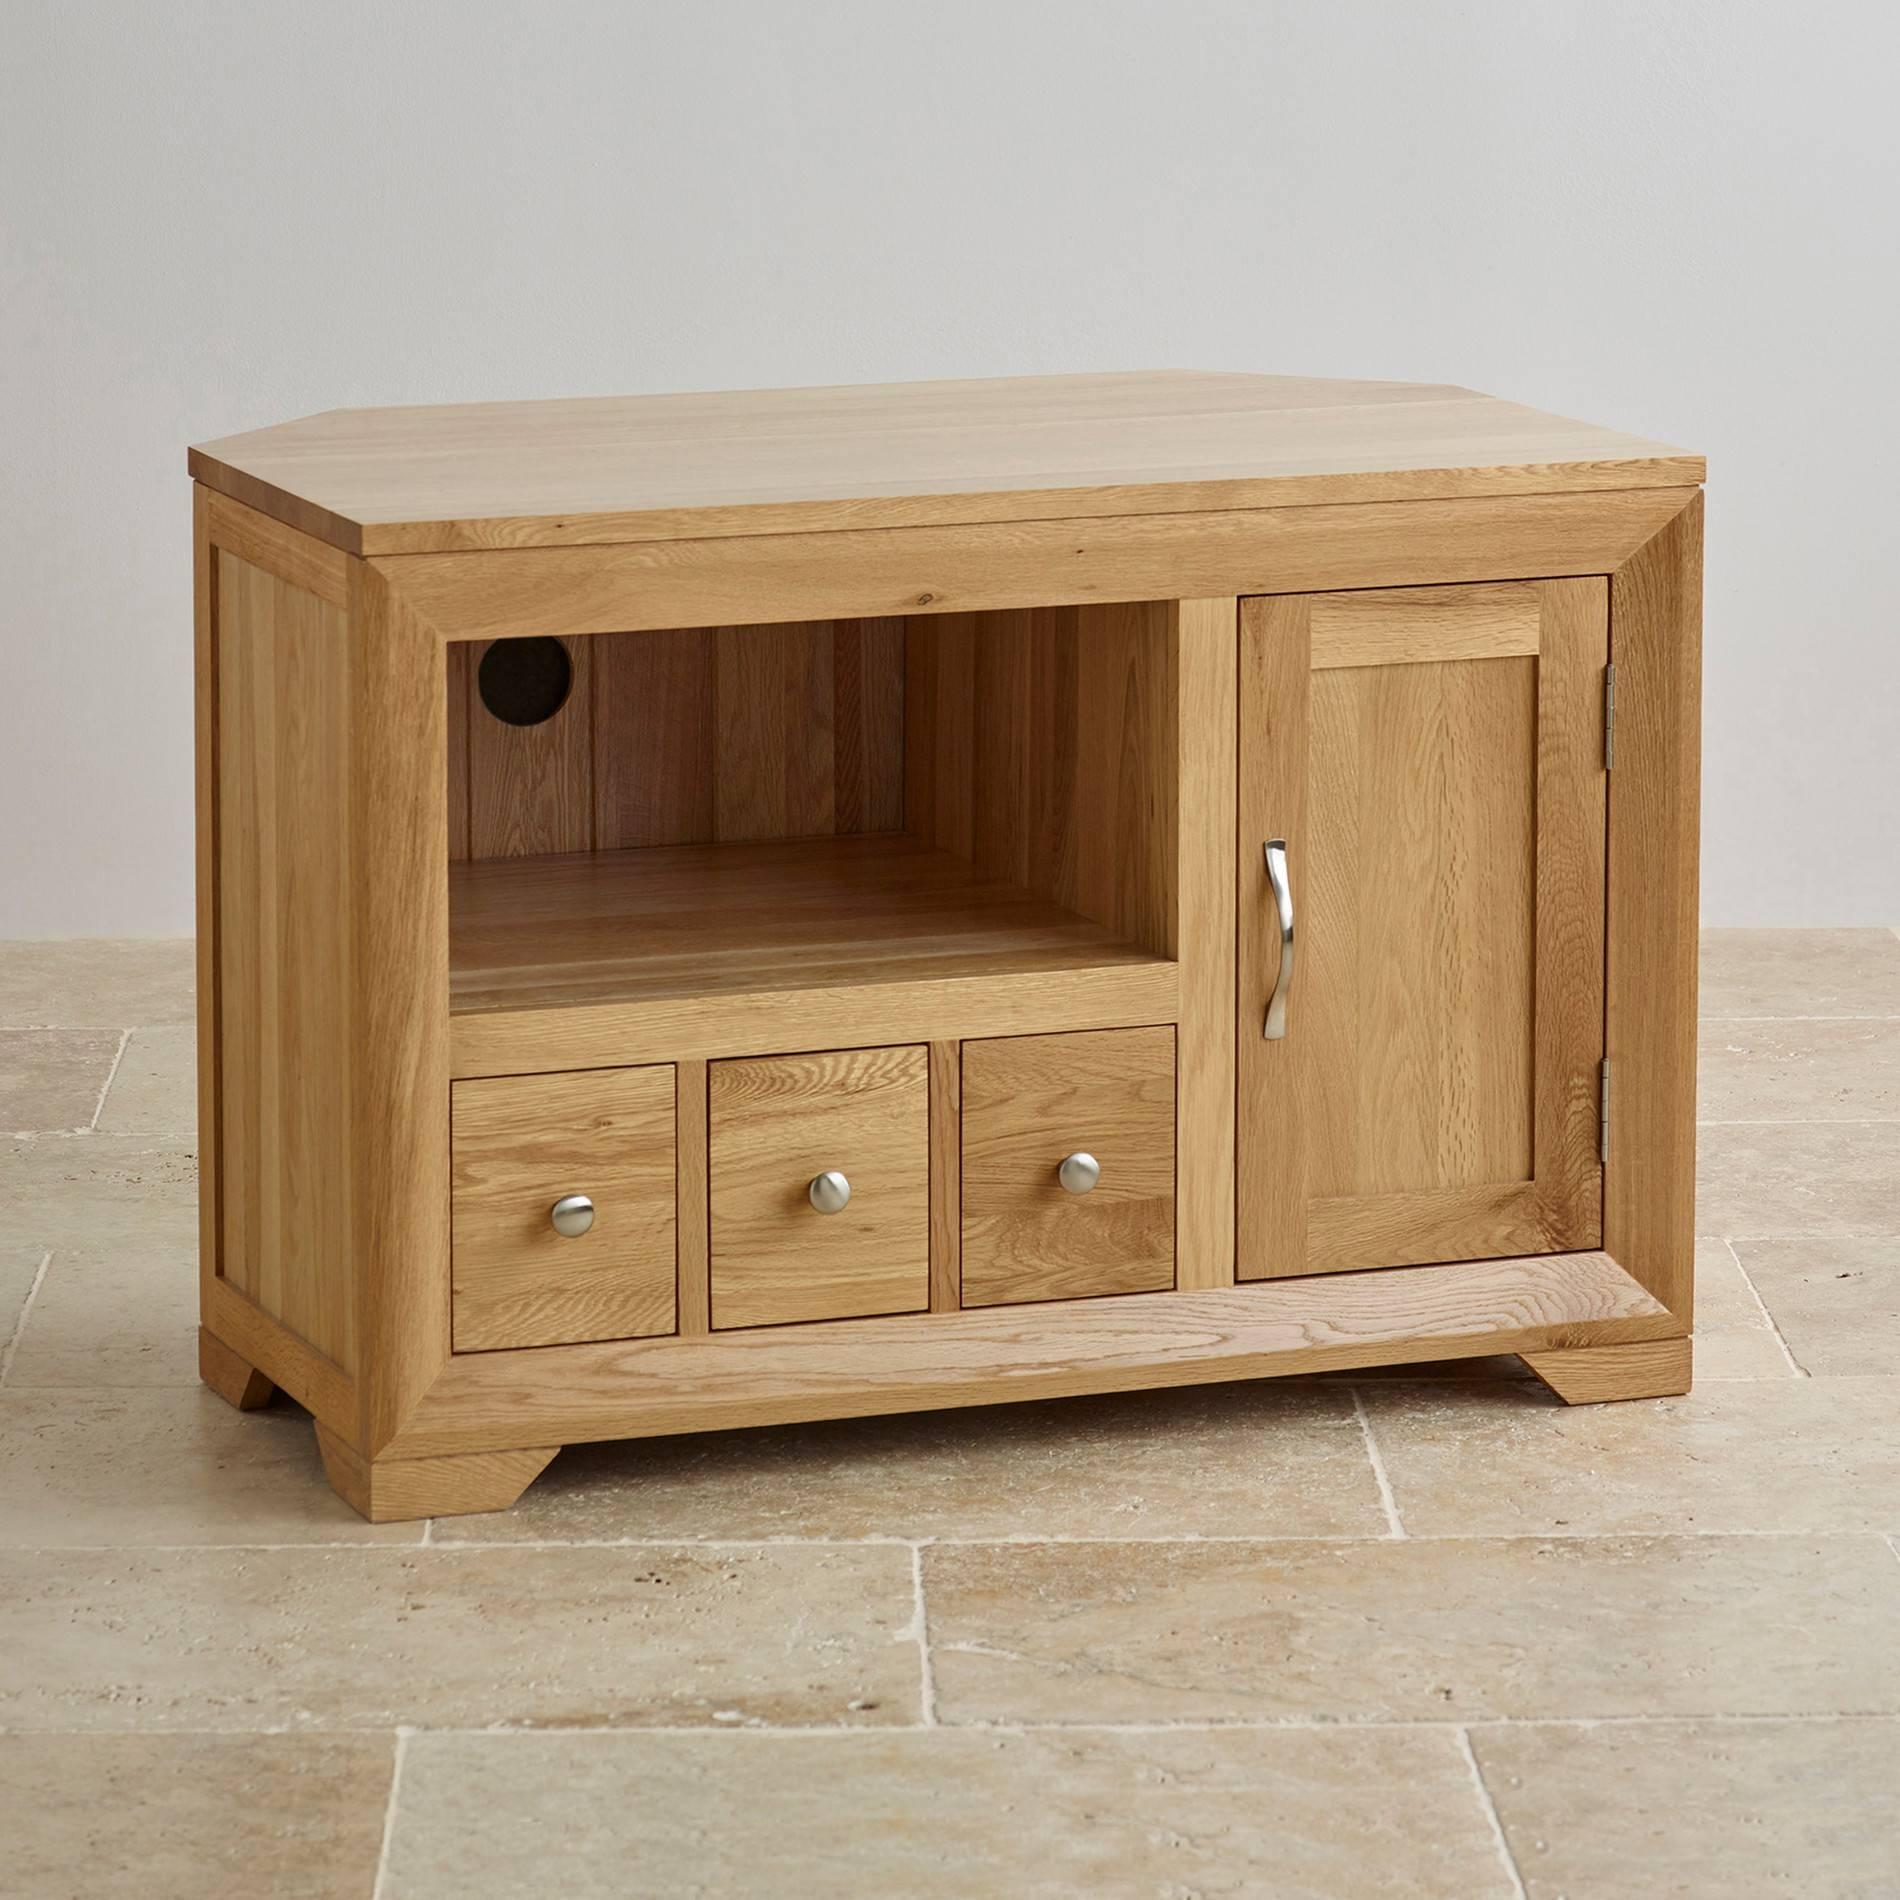 Bevel Small Corner Tv Cabinet In Solid Oak | Oak Furniture Land Inside Corner Wooden Tv Cabinets (View 1 of 15)